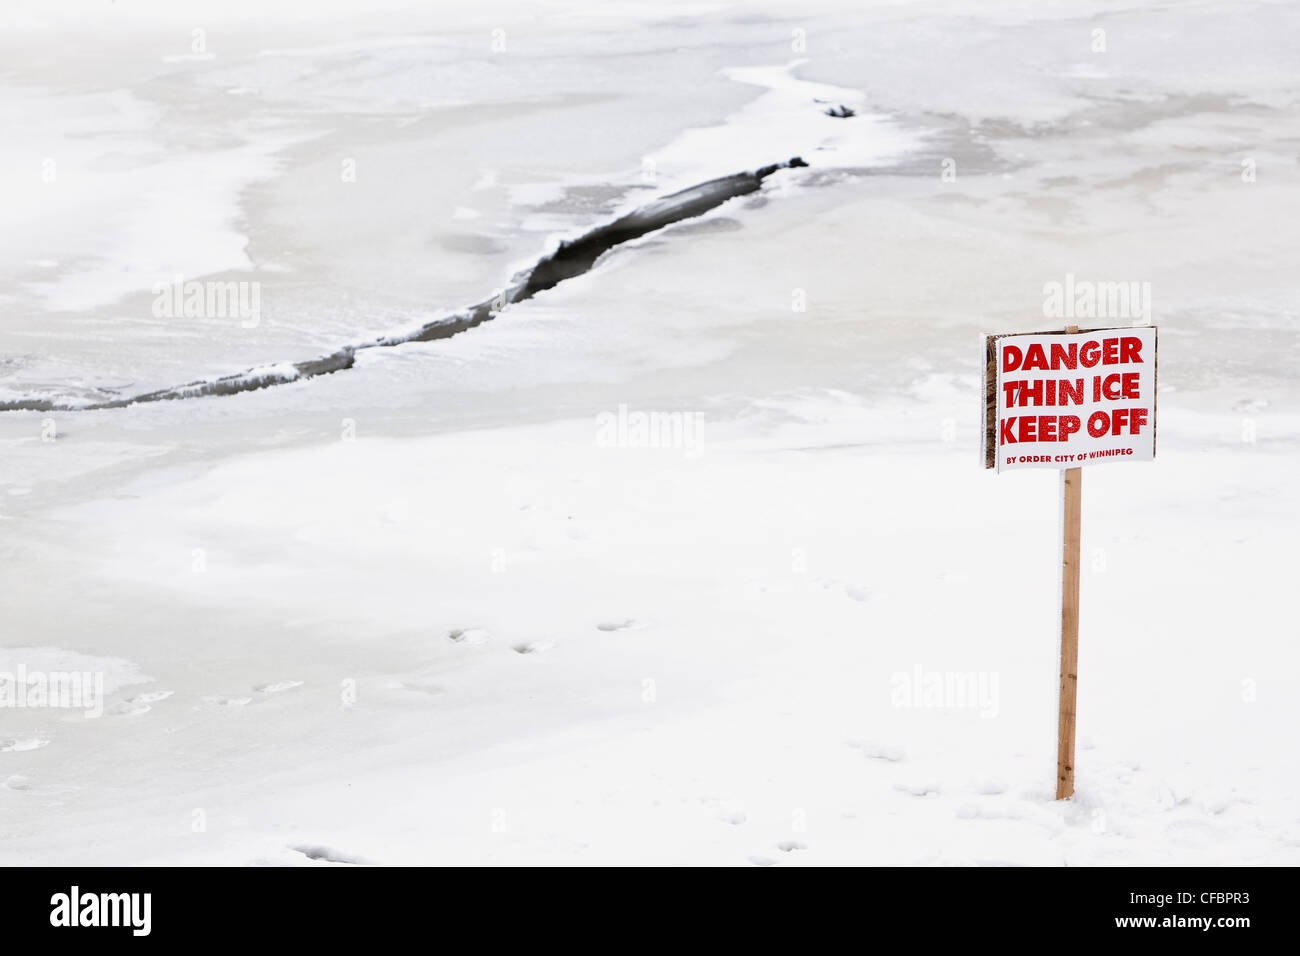 Dünnes Eis zu halten Off Warnung Gefahrenzeichen. Red River, Winnipeg, Manitoba, Kanada. Stockbild